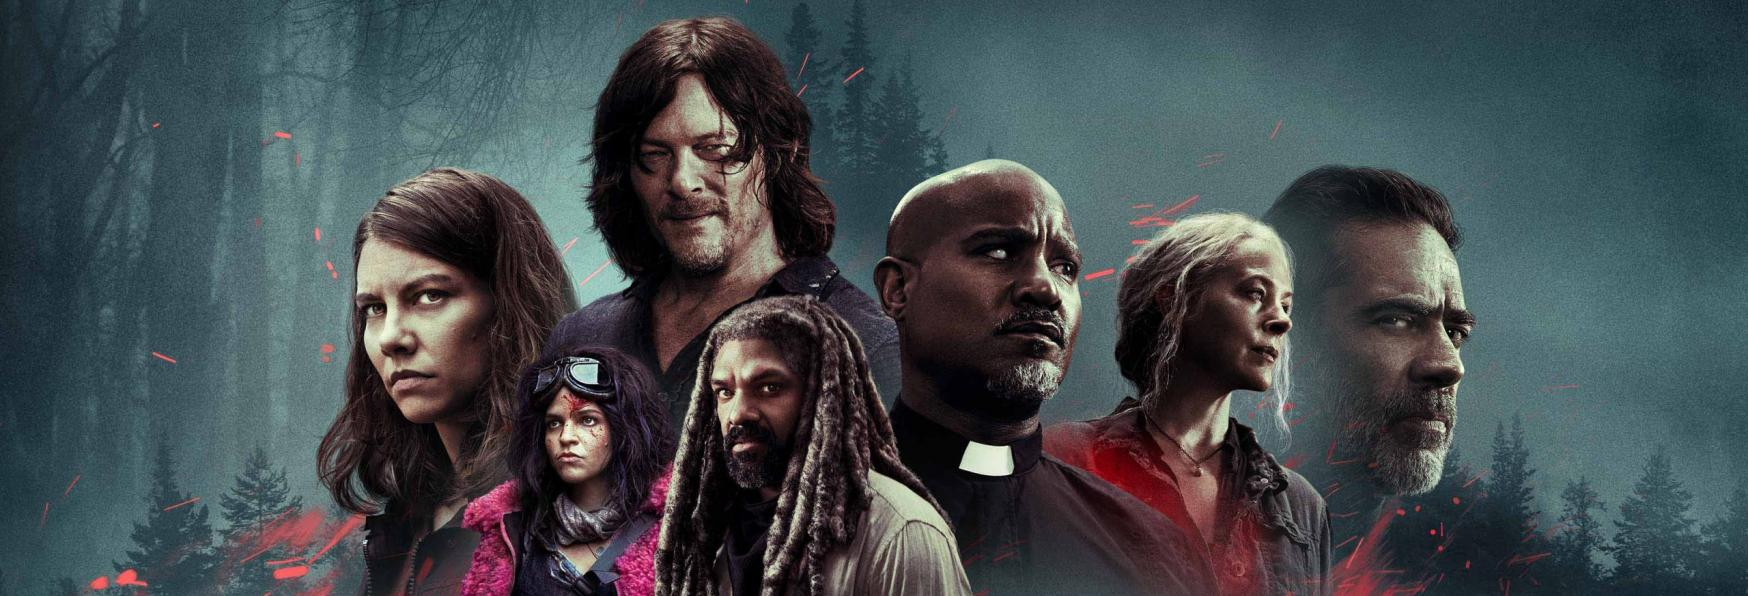 The Walking Dead 11: Trama, Cast, Trailer, Data di Uscita e Anticipazioni della Stagione Finale